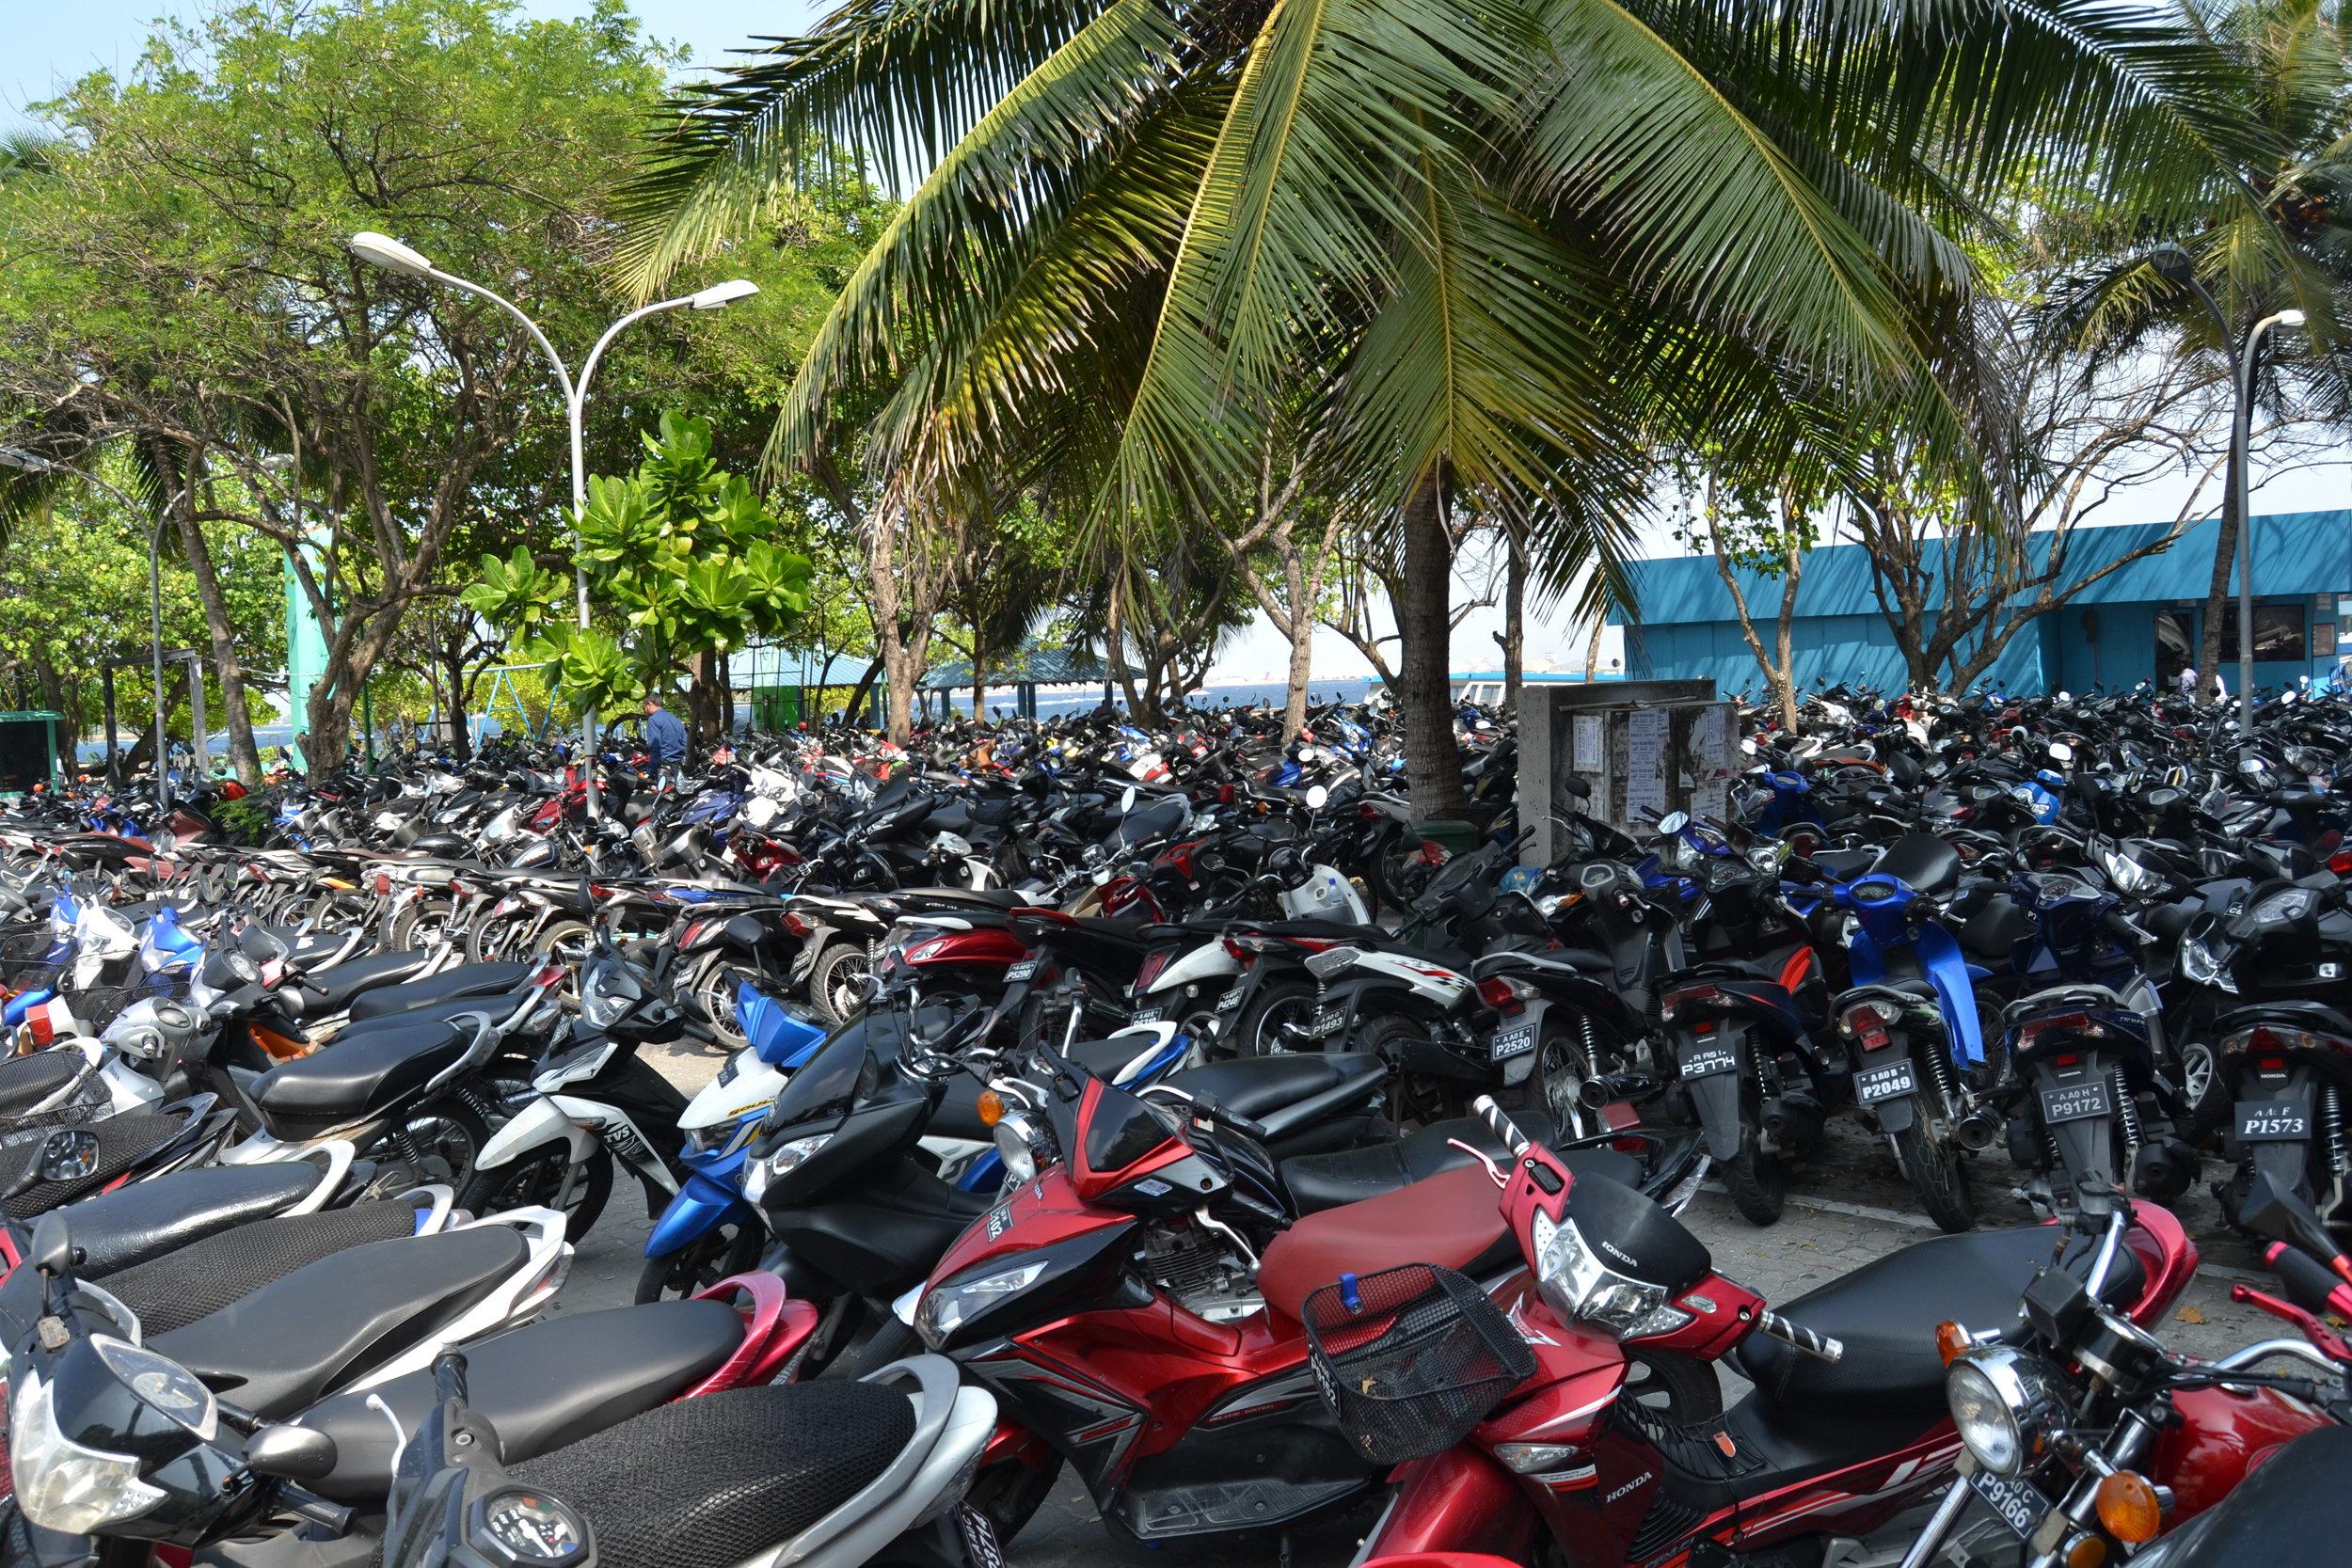 Motorbikes in Malé, Maldives